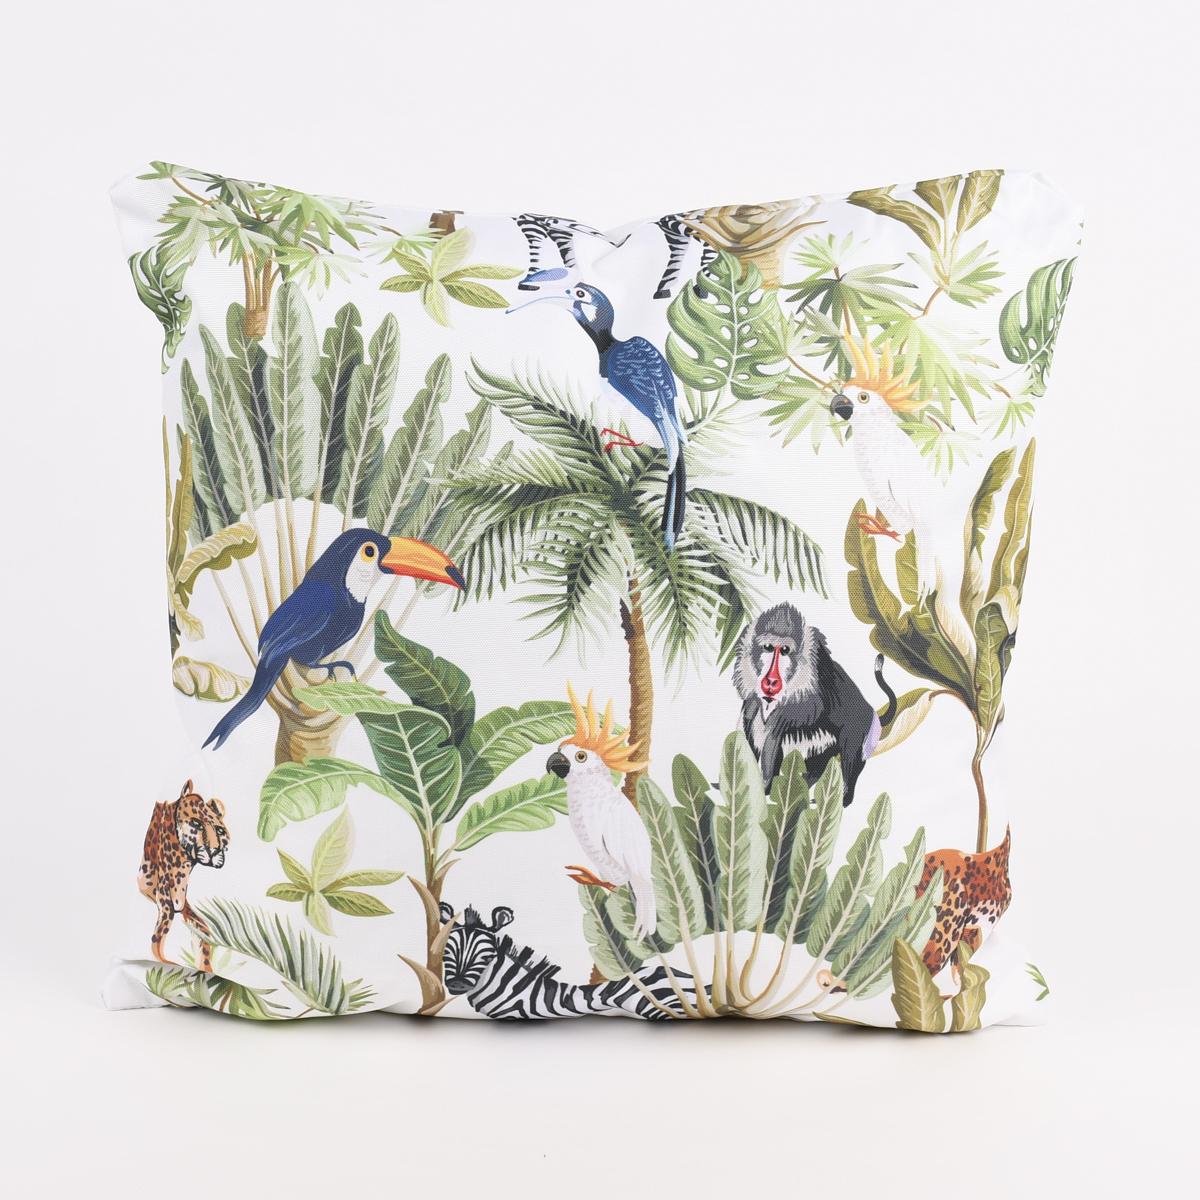 Outdoor Kissen Jungle weiß bunt 45x45cm